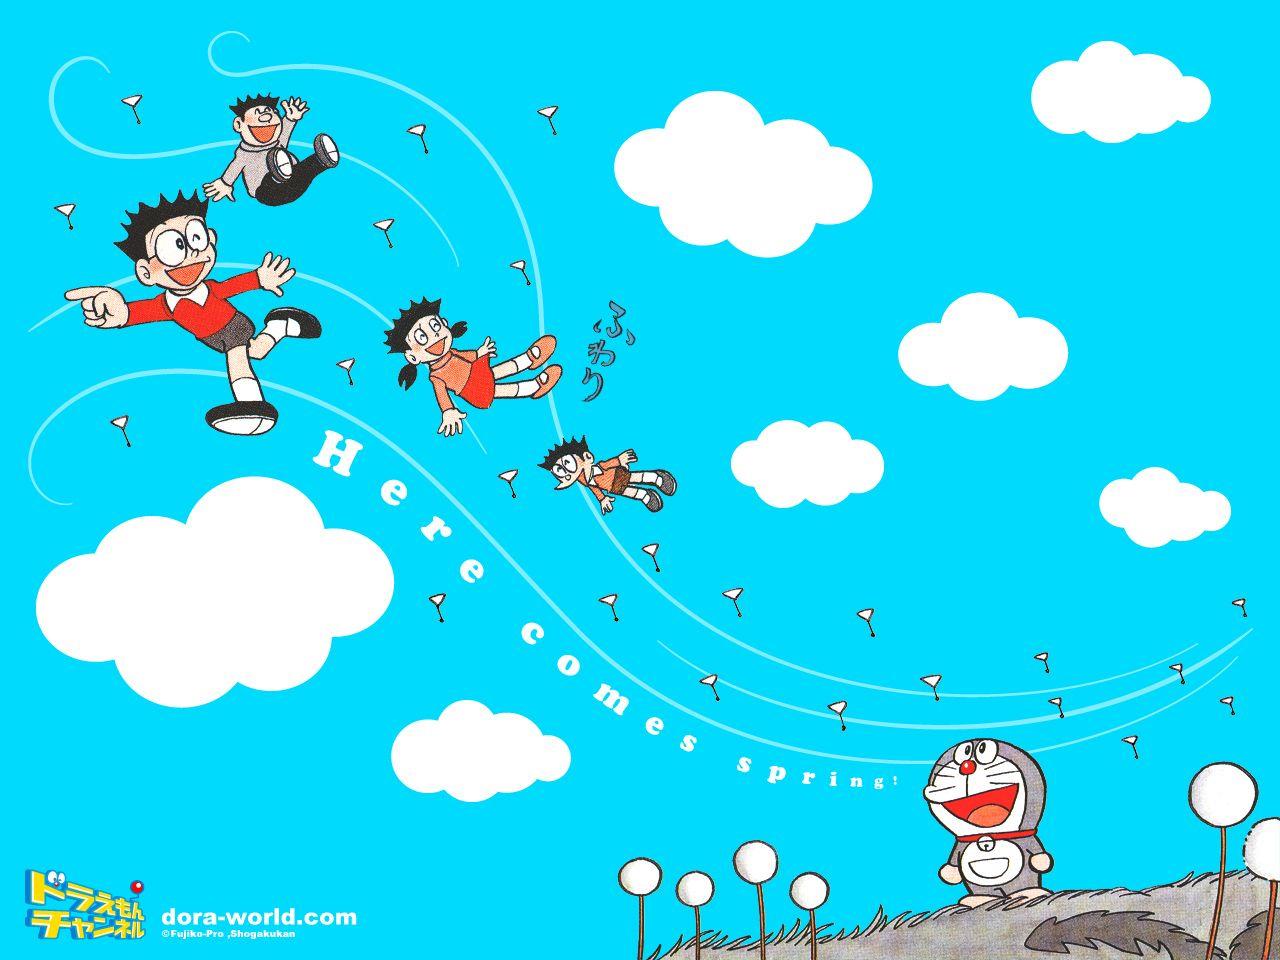 ドラえもん 壁紙 Doraemon Wallpaper ドラえもん ドラえもん 壁紙